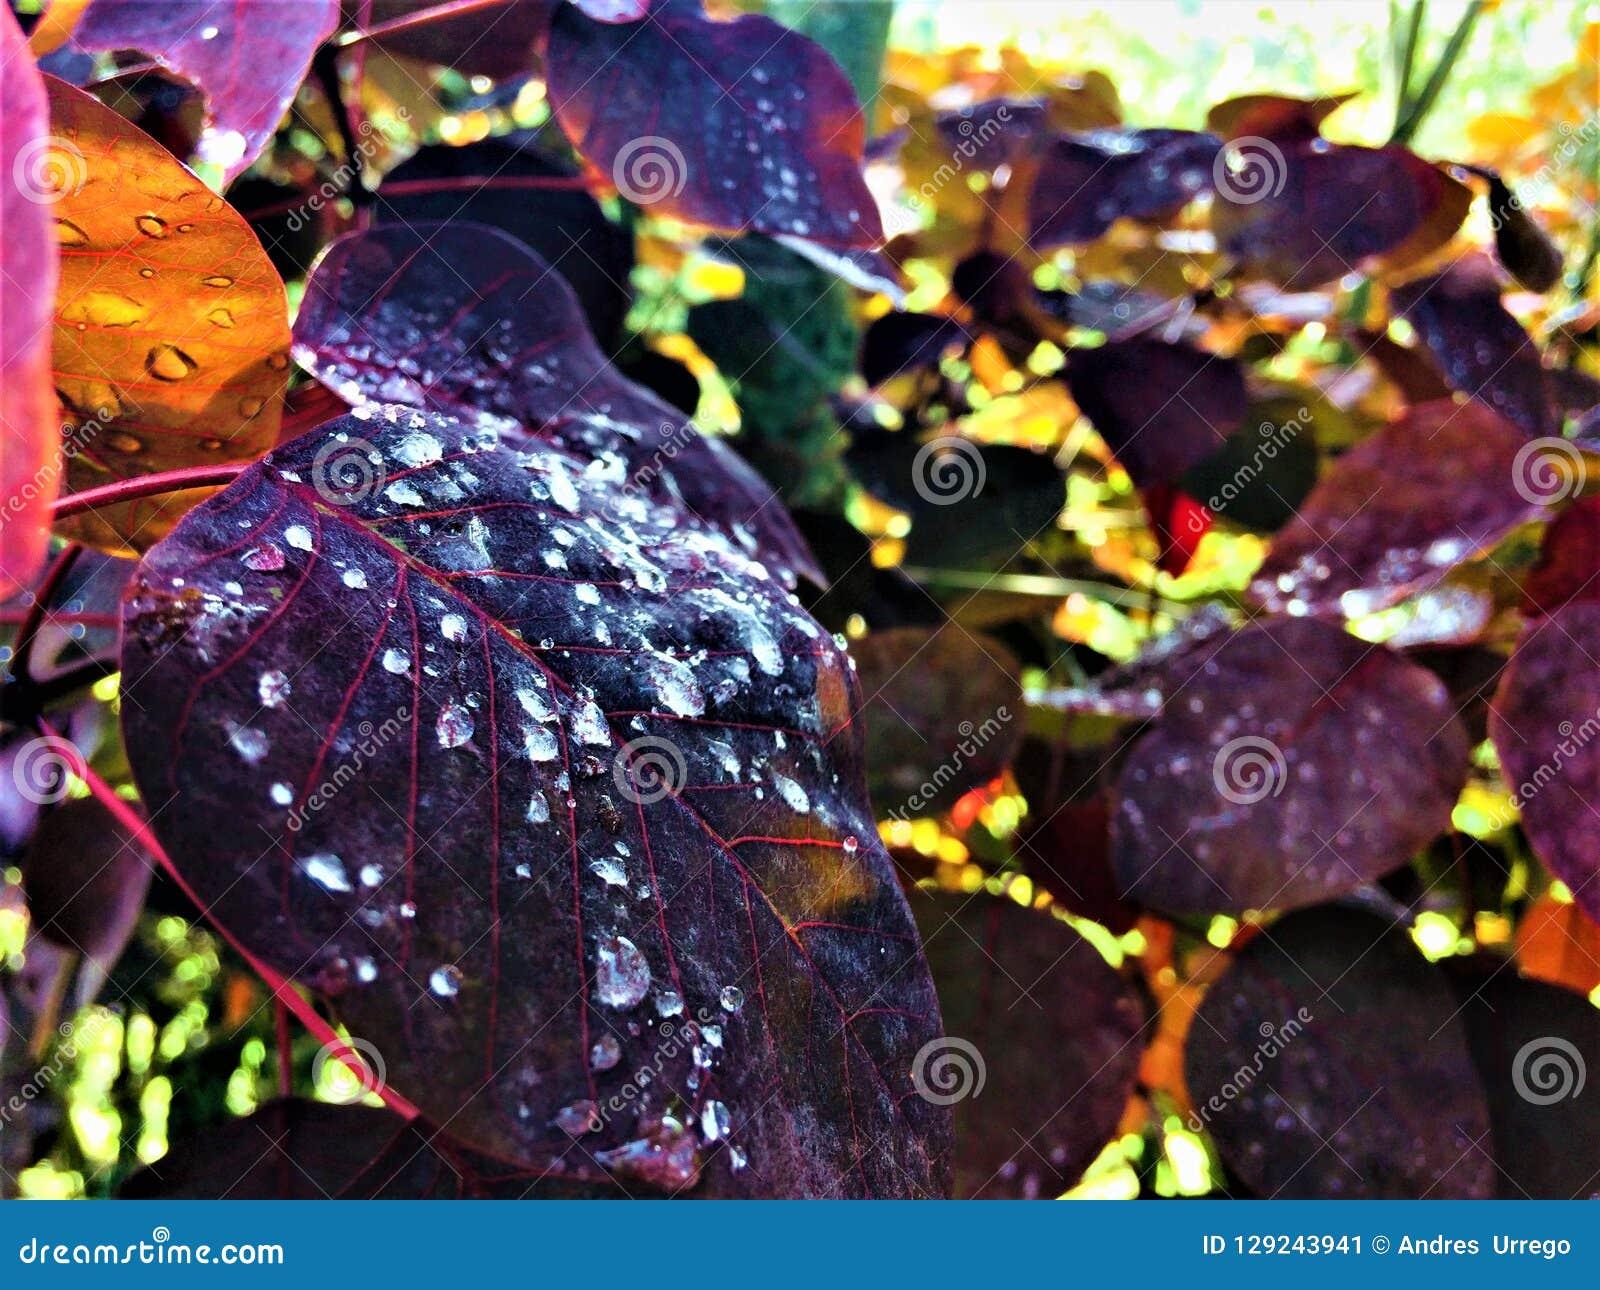 Увеличиванная природа в ярких цветах